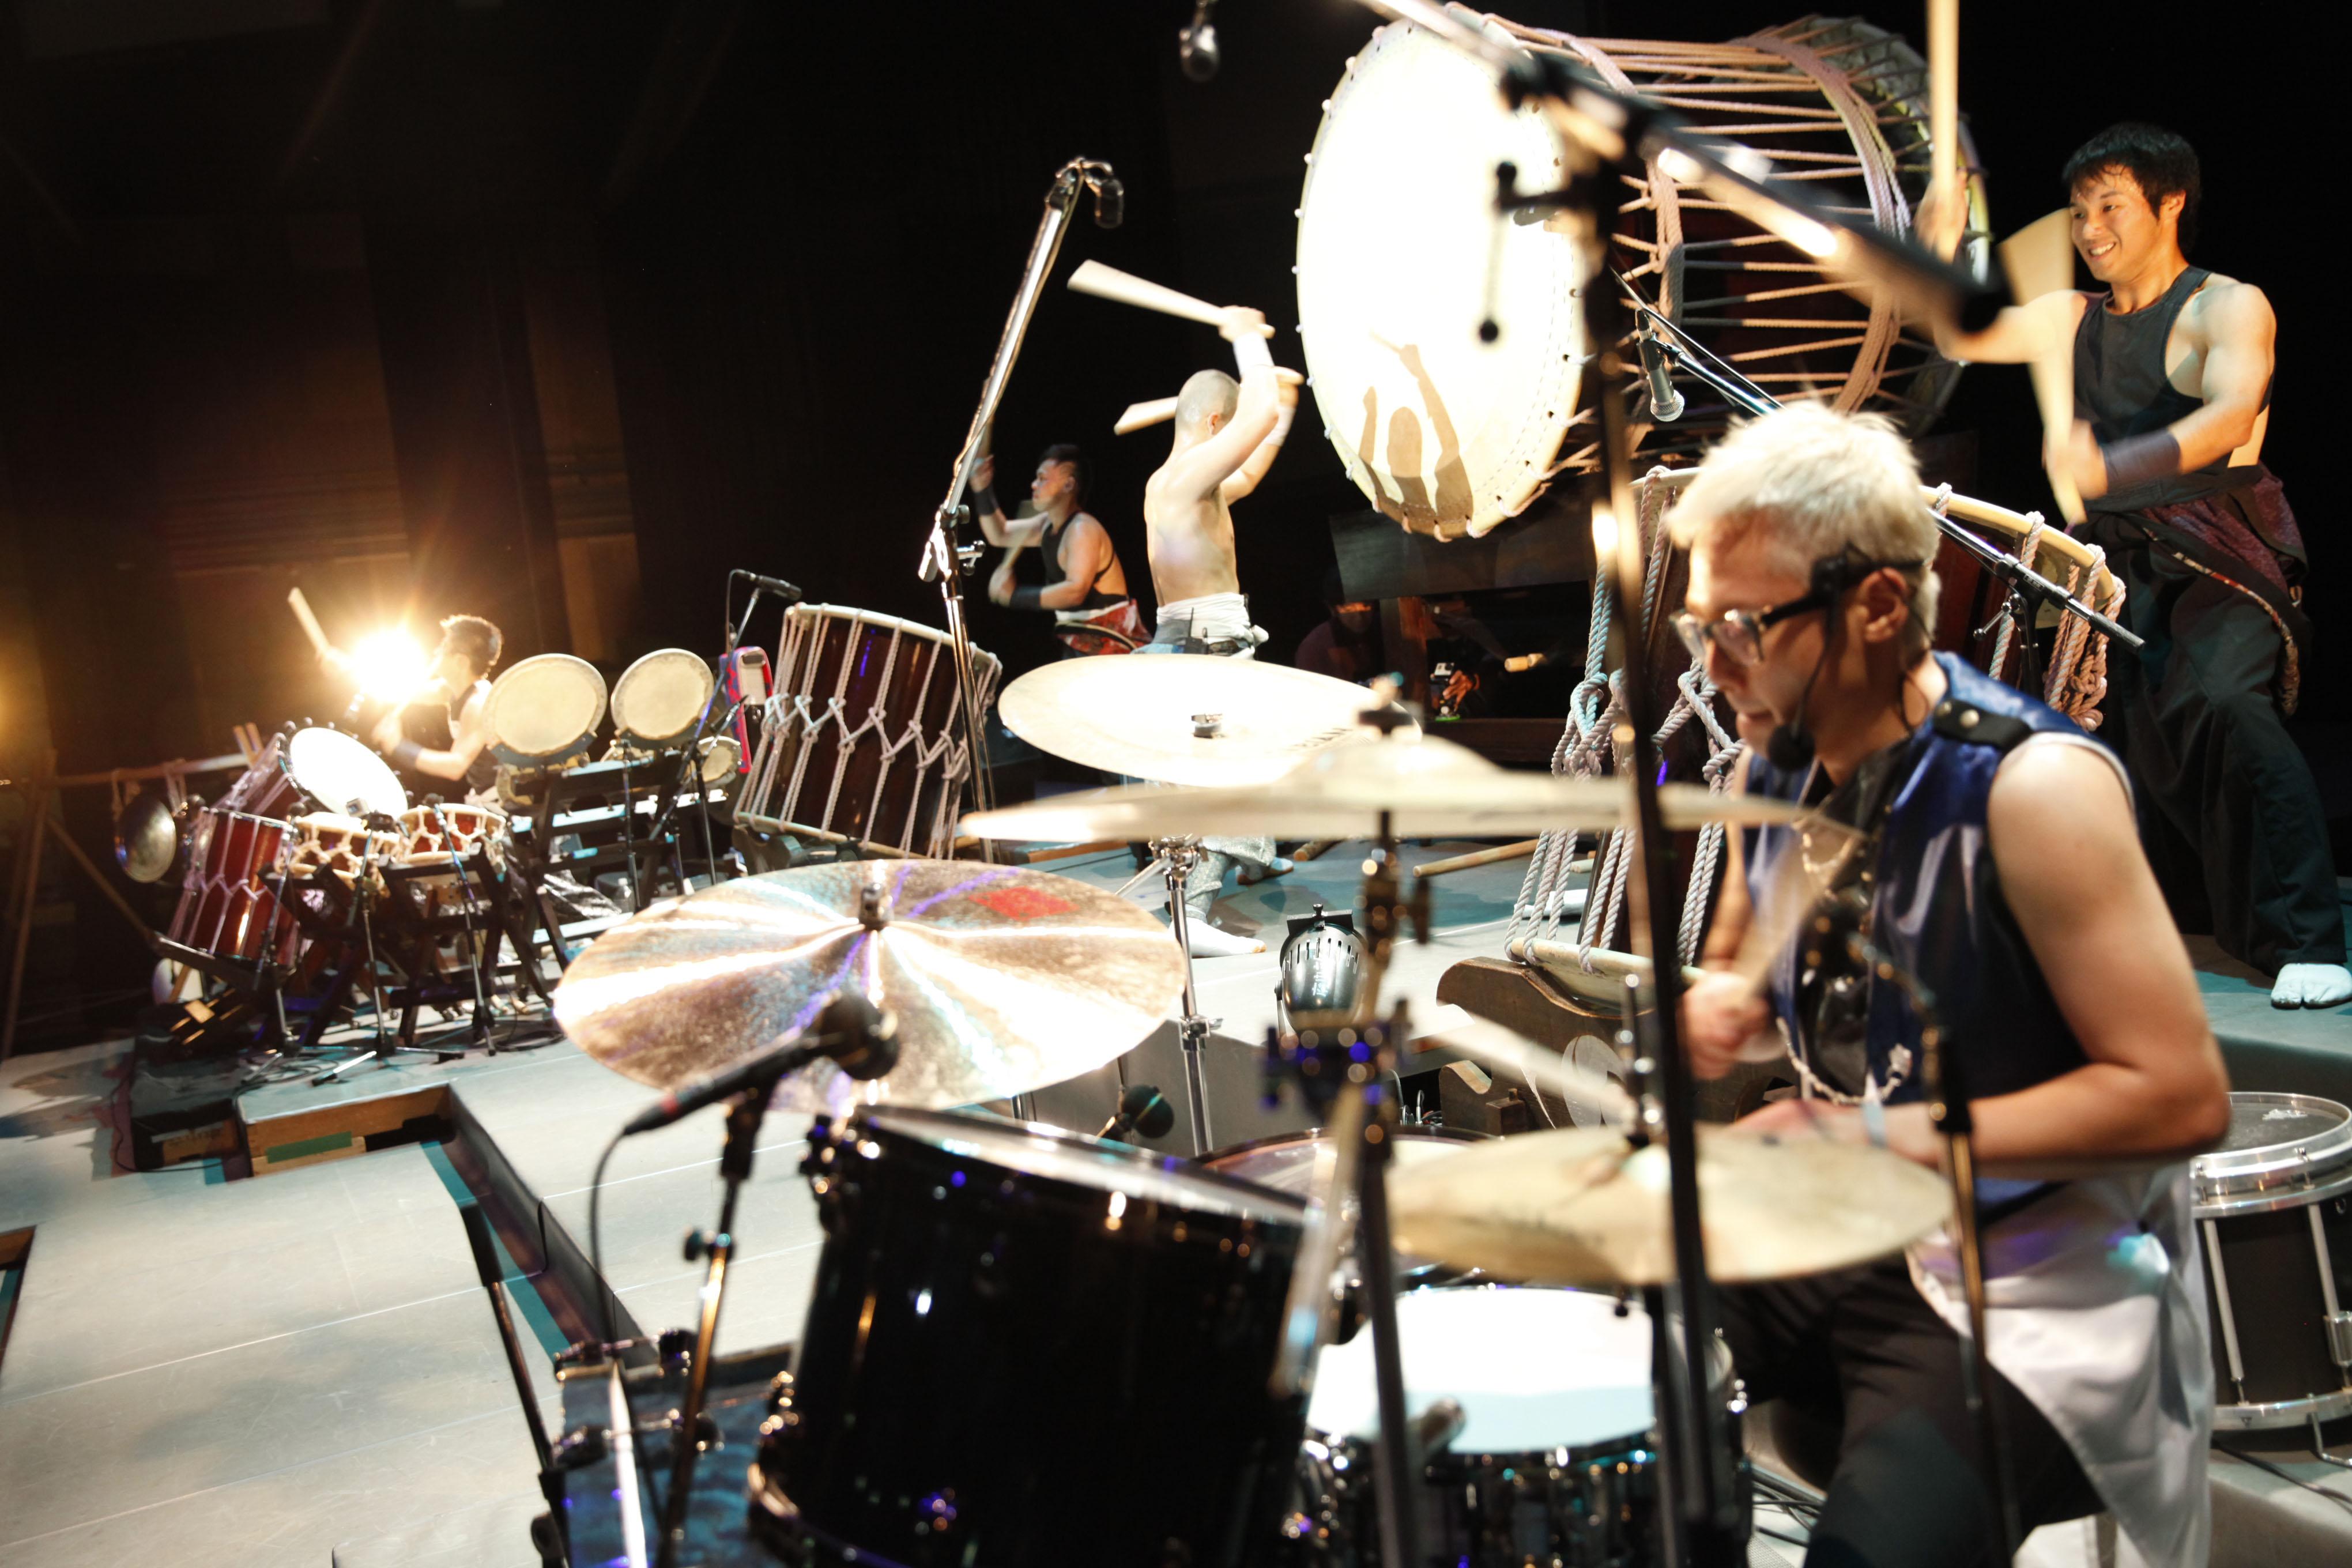 ツネイシみらい財団主催-和太鼓コンサートリハーサル見学・演奏体験イベントを8月7日に開催。参加者募集!